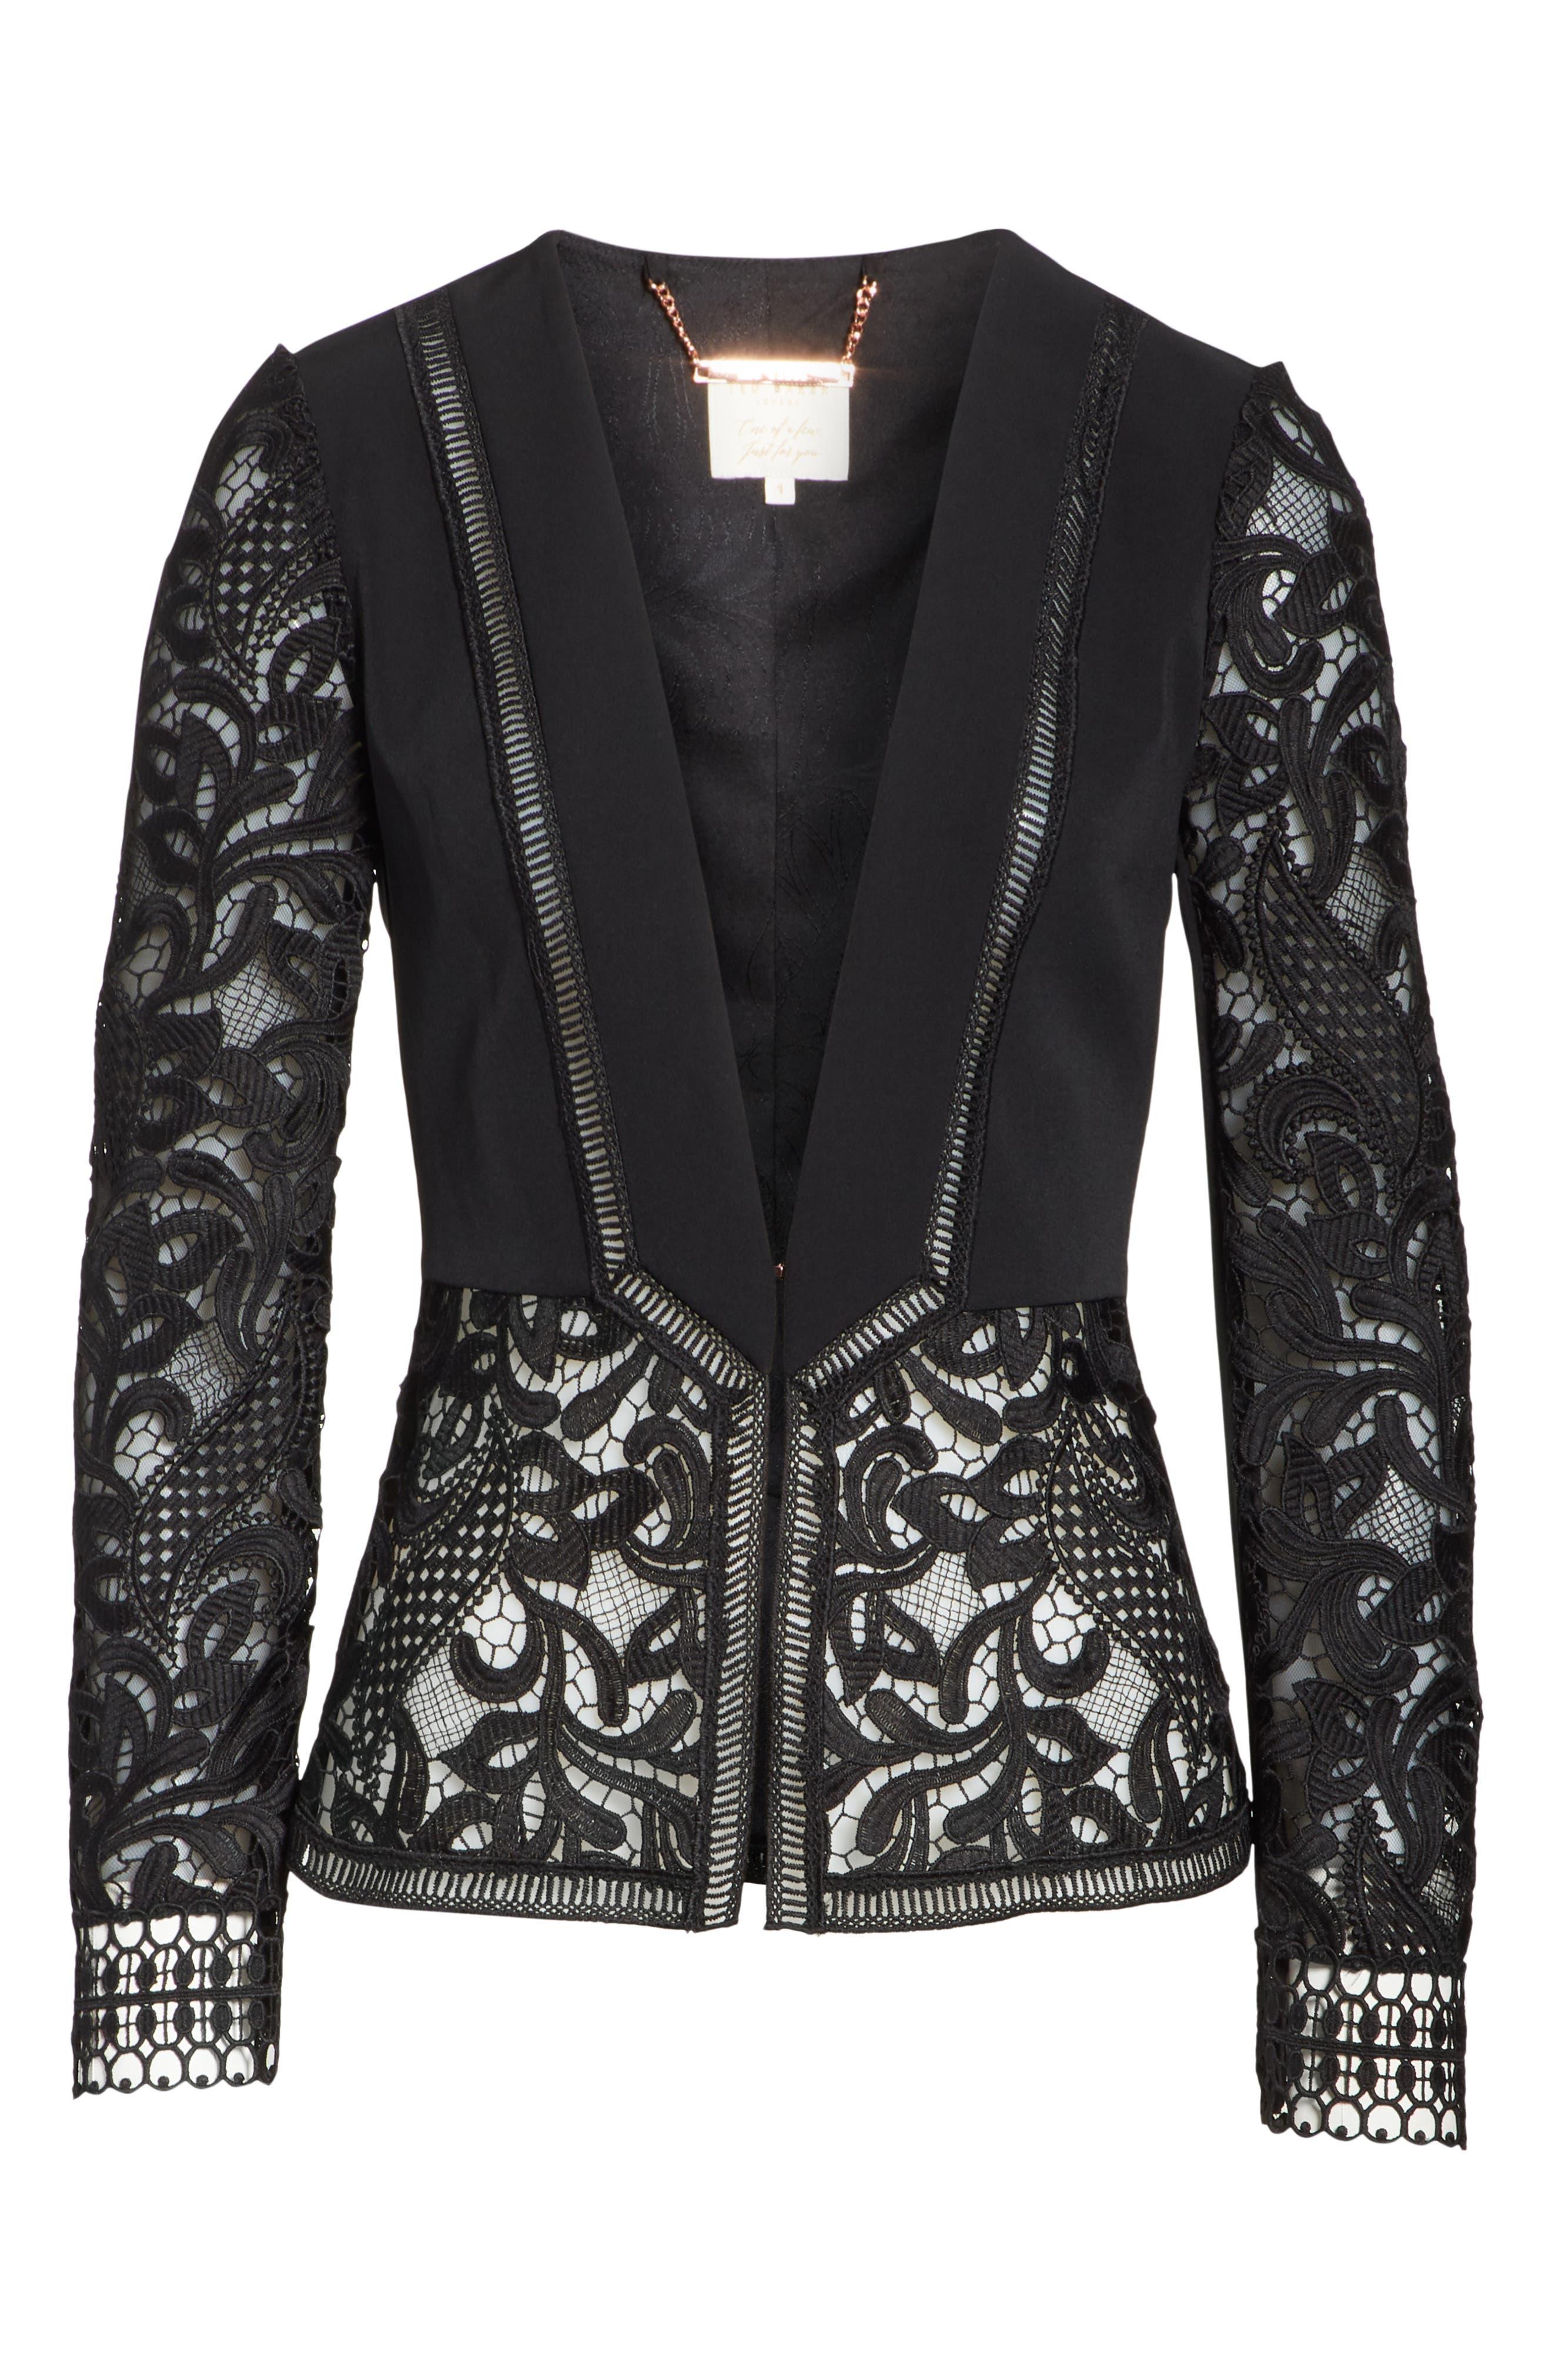 Liela Sheer Lace Panel Jacket,                             Alternate thumbnail 6, color,                             Black